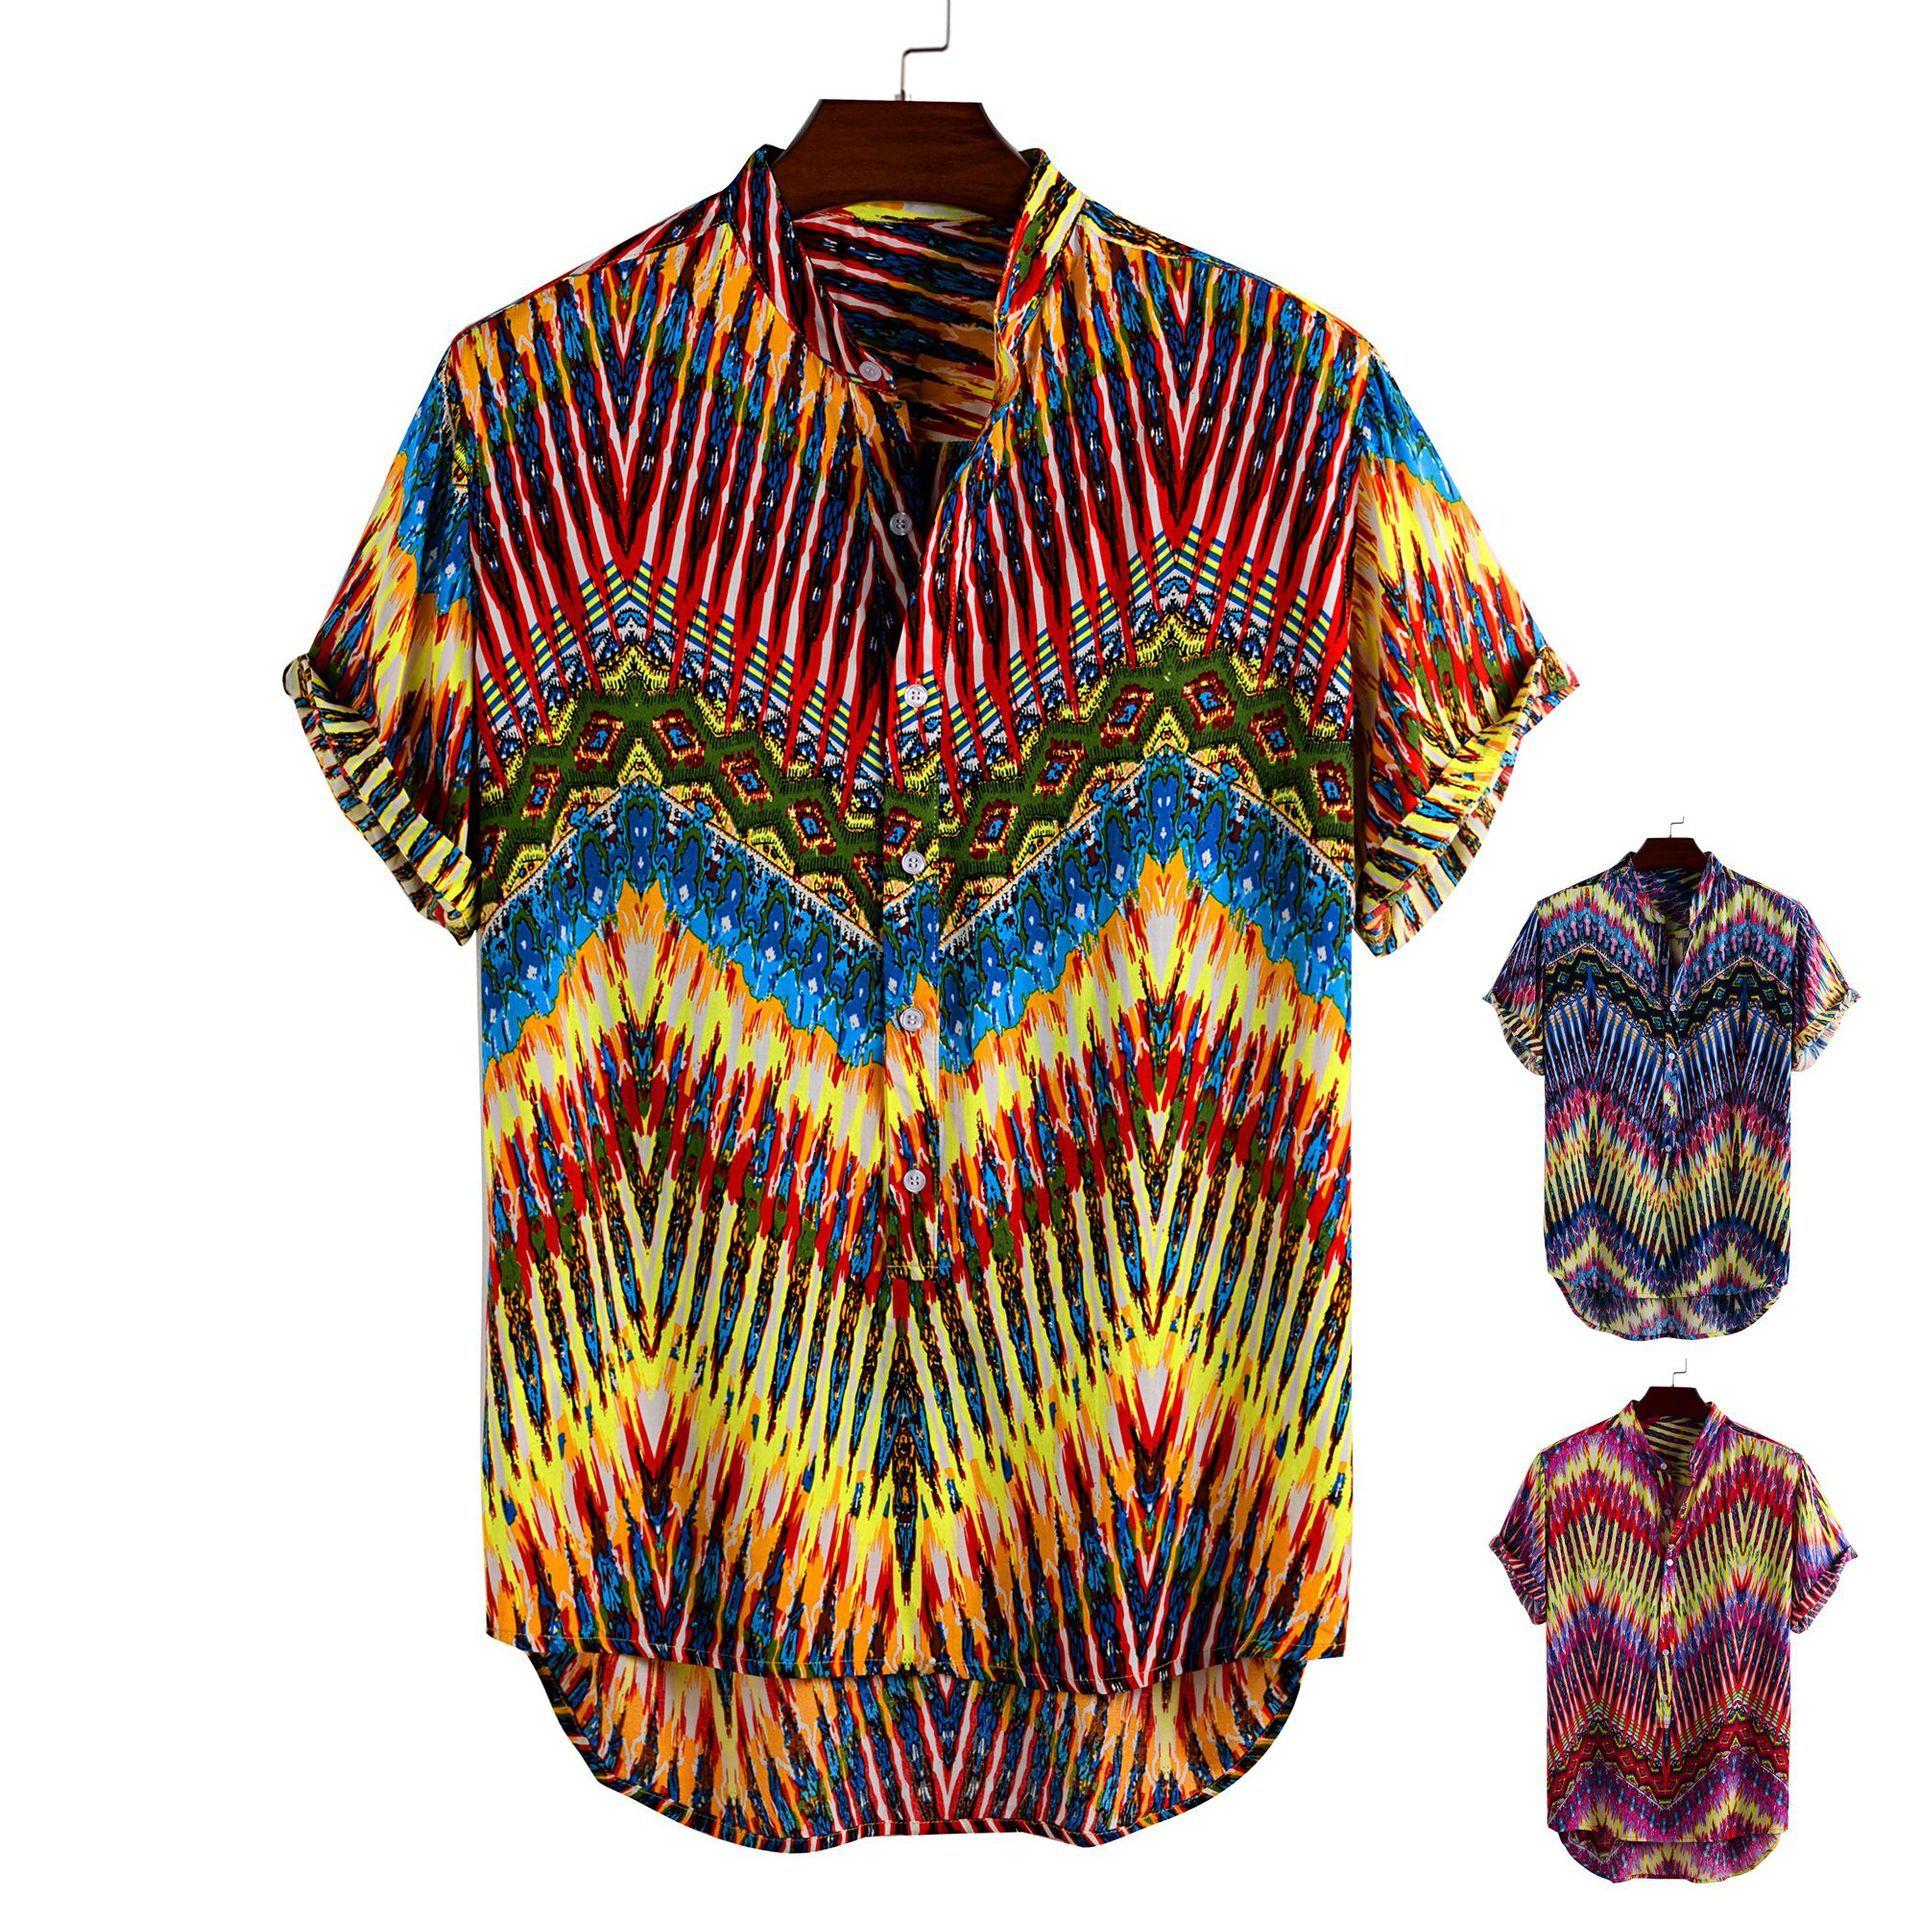 E-Baihui 2020 Europa und Amerika Digital gedruckte Männer Shirt Männer Reverskragen Hemd mit kurzen Ärmeln beiläufige dünne Top E79577